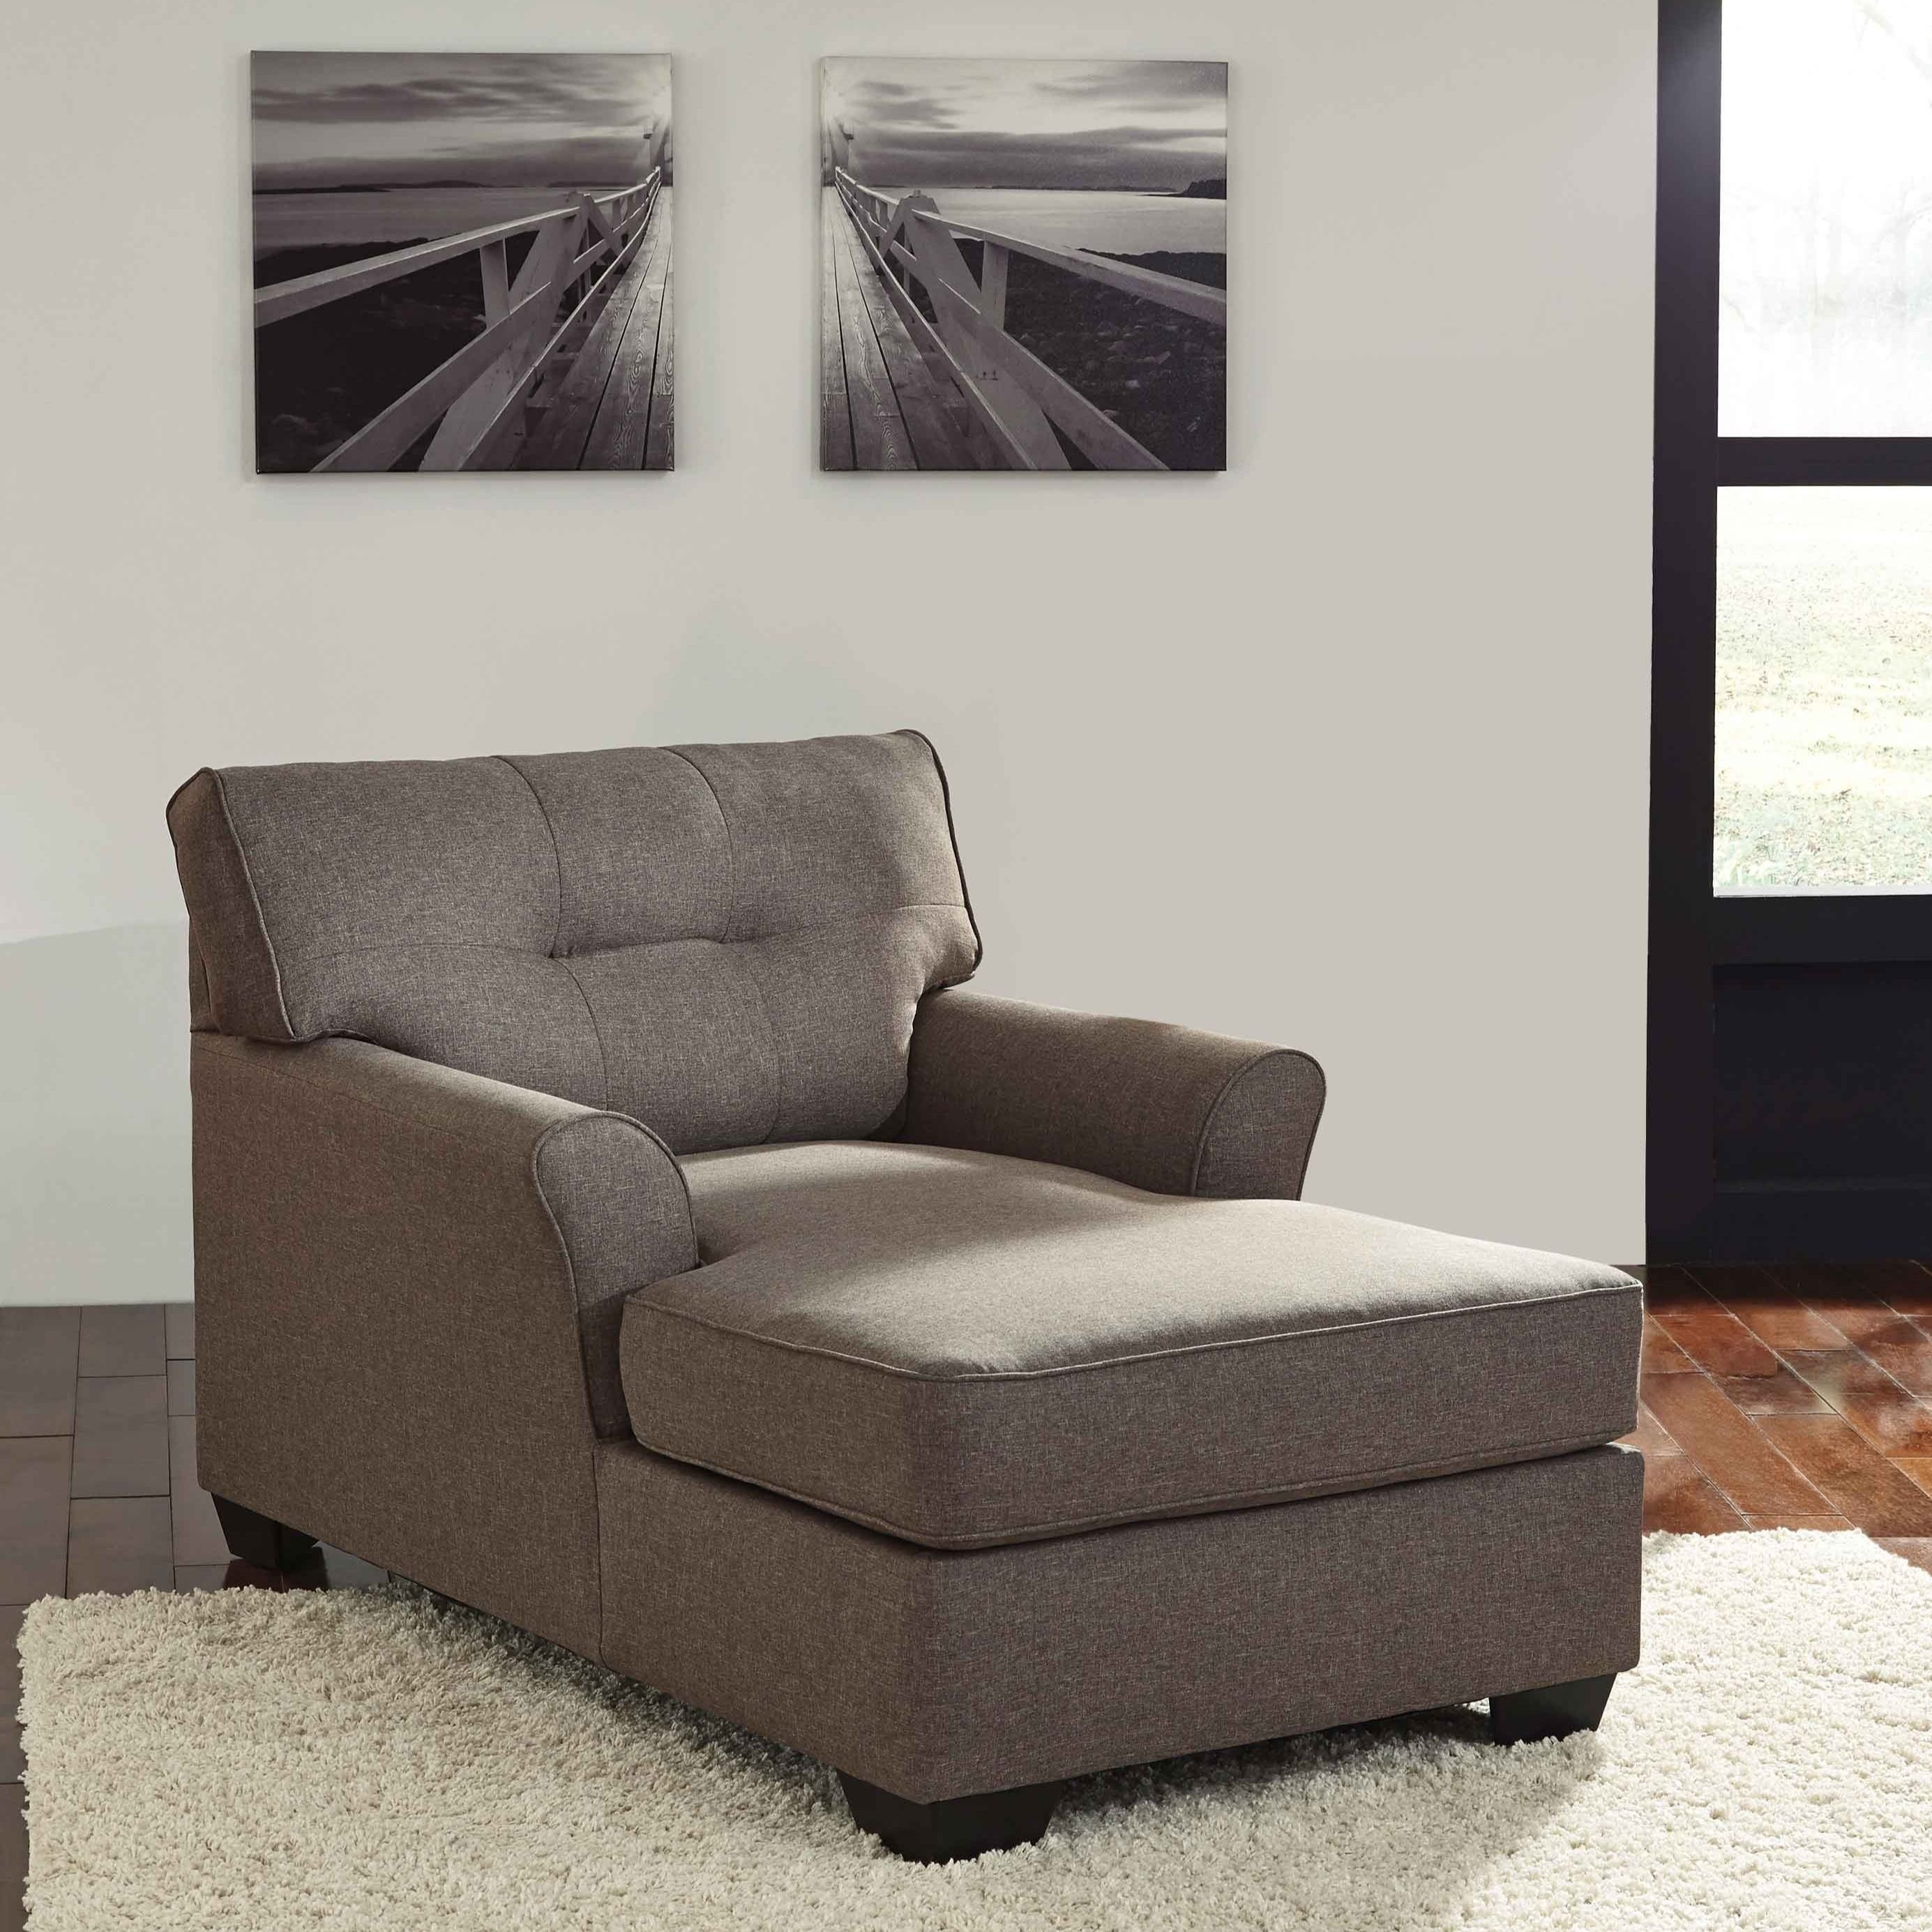 Tibbee -Slate- 99101 Chaise